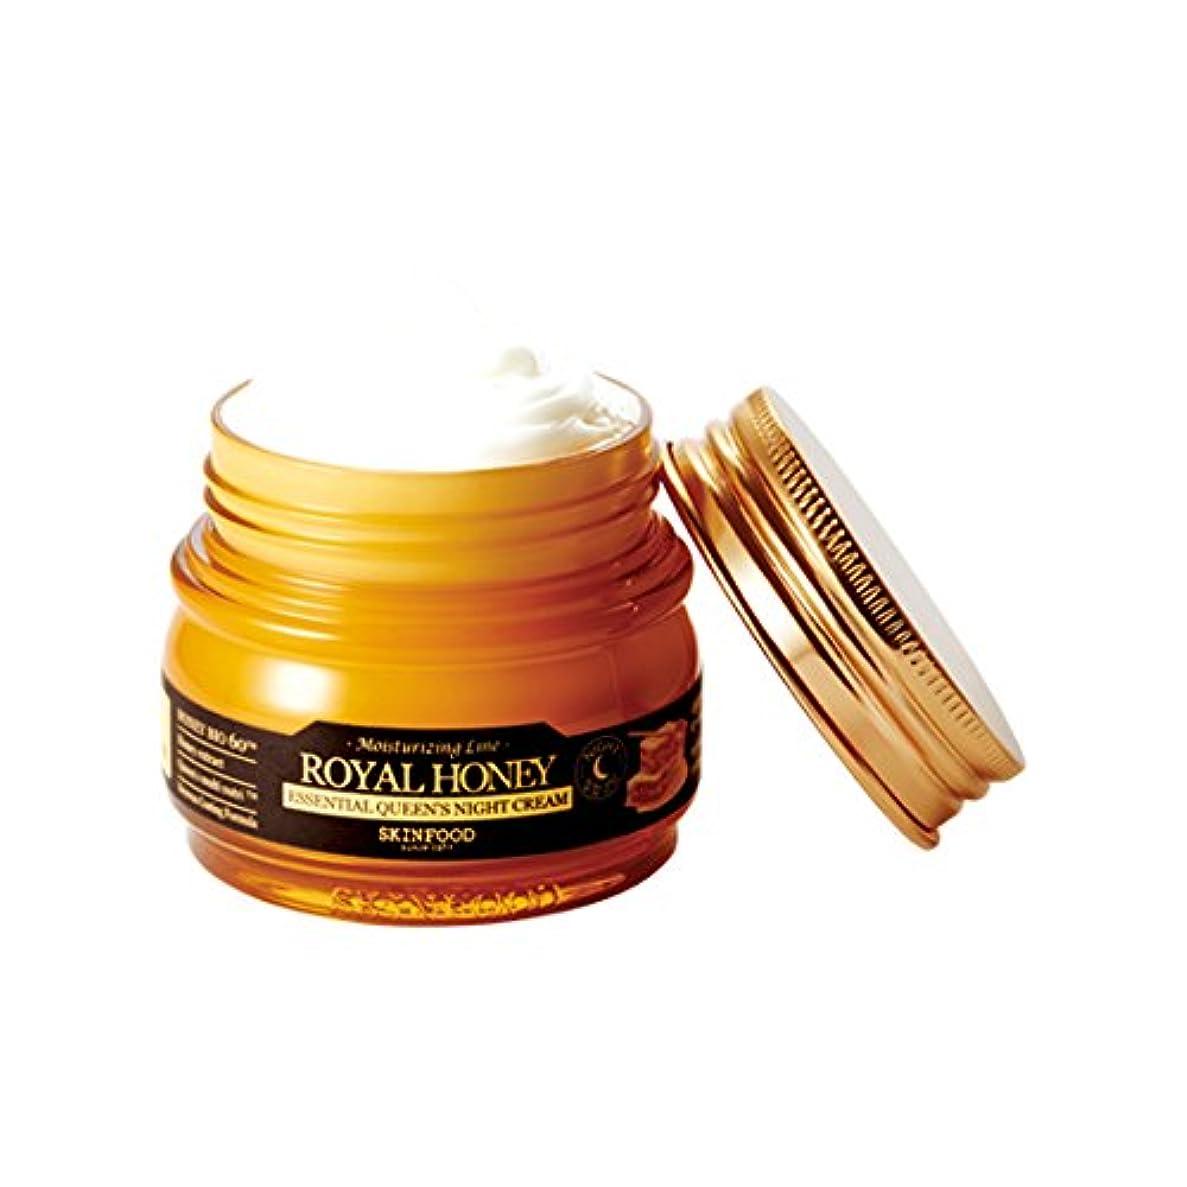 全員平方睡眠SKINFOOD Royal Honey Essential Queen's Night Cream 63ml / スキンフード ロイヤルハニーエッセンシャルクイーンズナイトクリーム 63ml [並行輸入品]